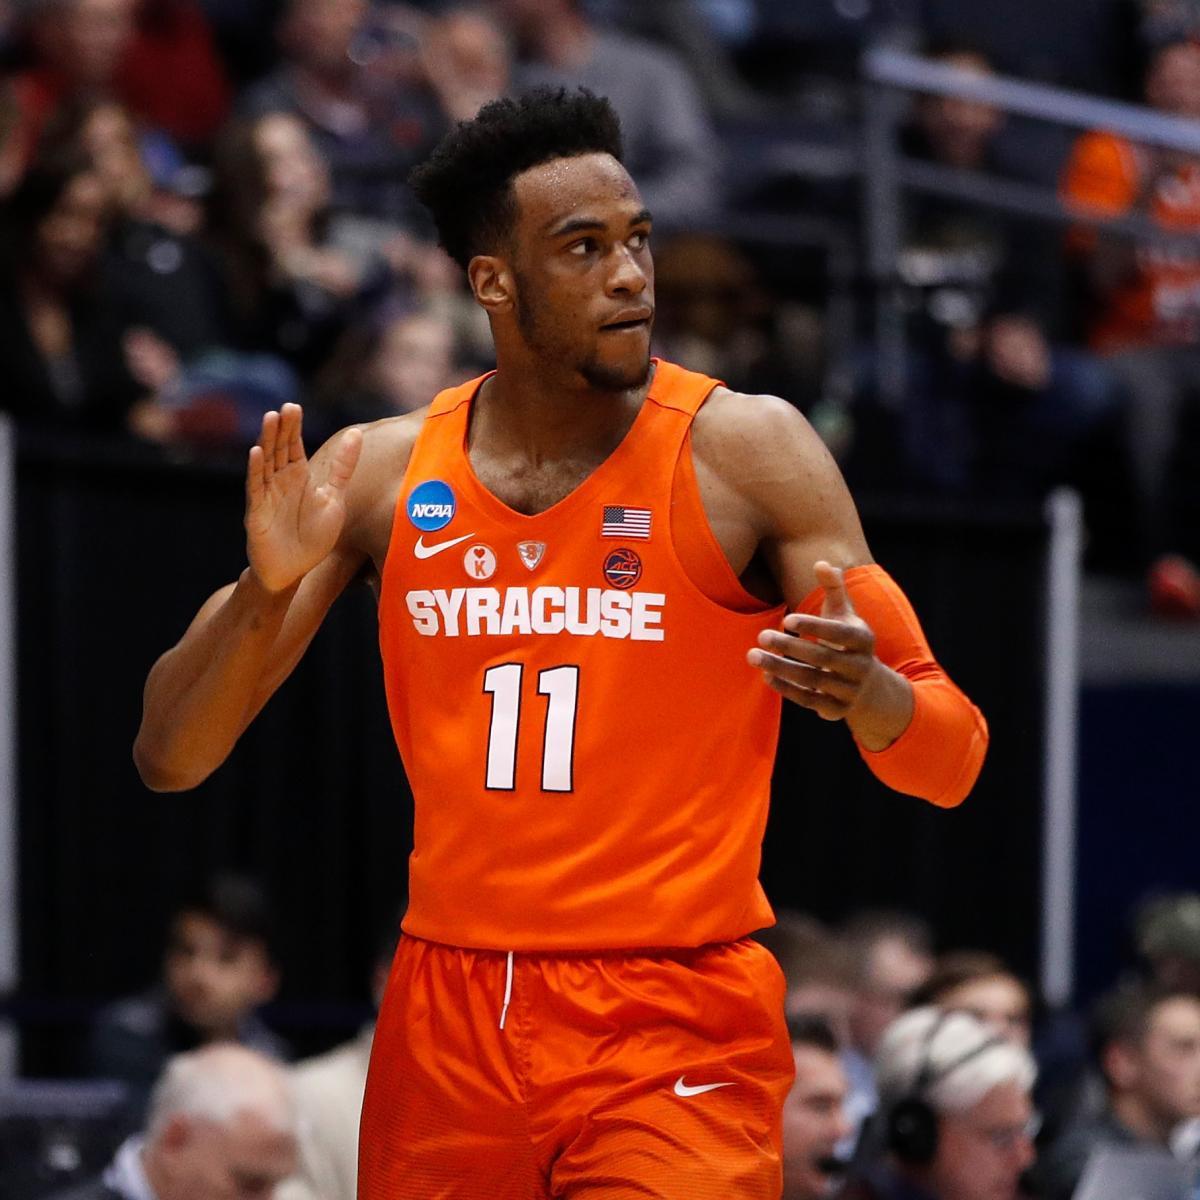 Oshae Brissett Leads Syracuse to Comeback Win vs. ASU in 2018 NCAA Tournament | Bleacher Report ...